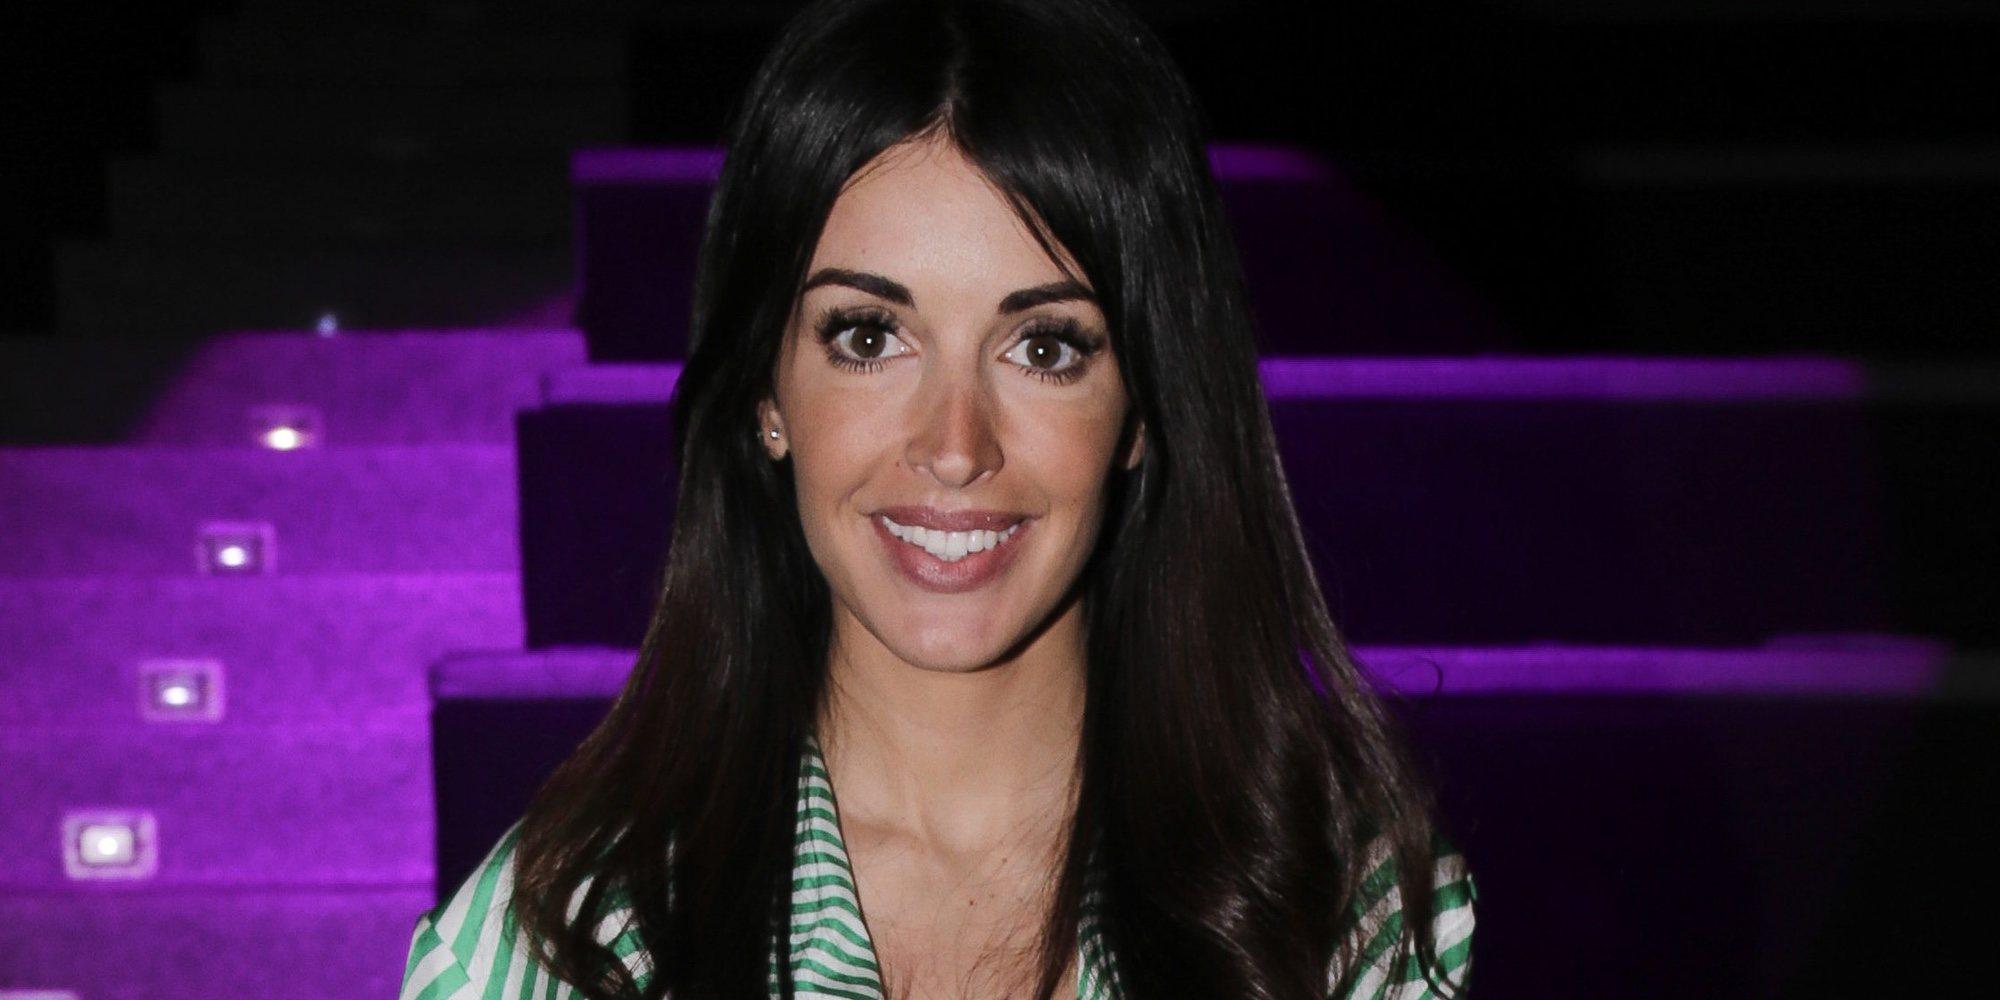 """Noelia López: """"En las redes sociales todos seguimos los mismo patrones y al final se pierde la esencia"""""""